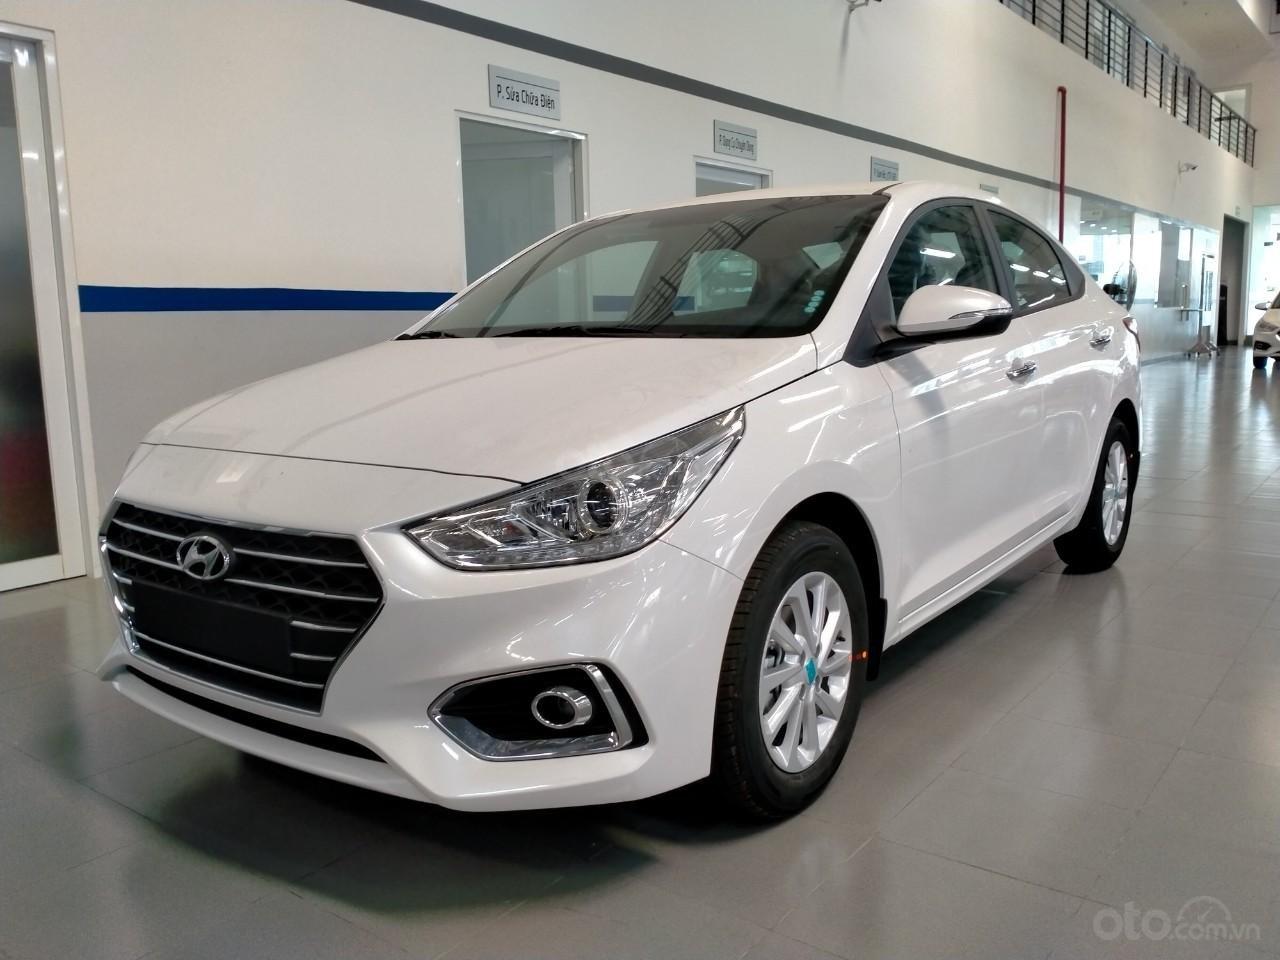 Hyundai Accent giá KM tháng 10 (1)